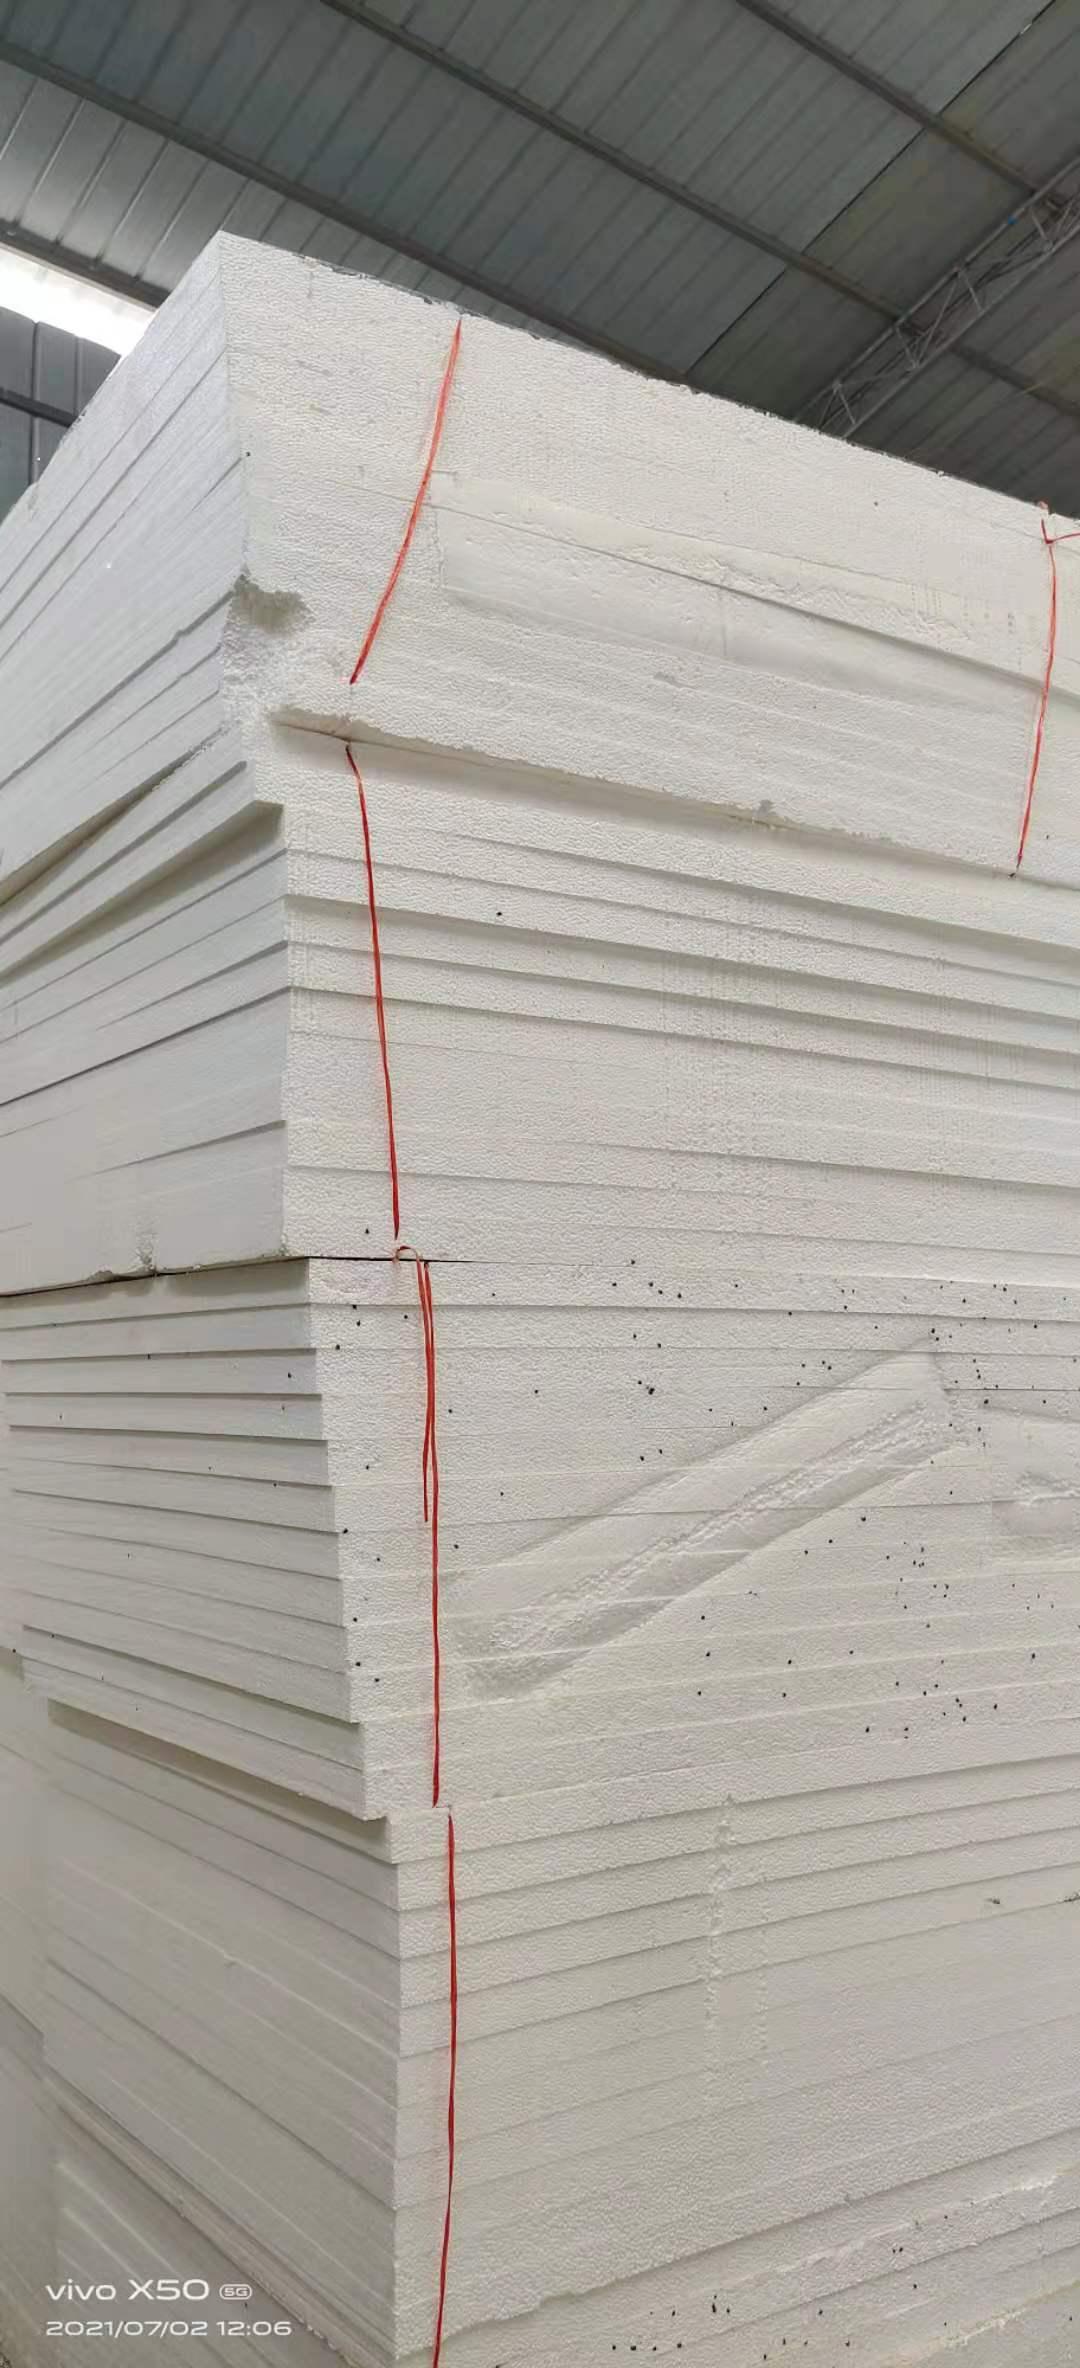 挤塑板与泡沫板这两种保温材料有哪些区别?